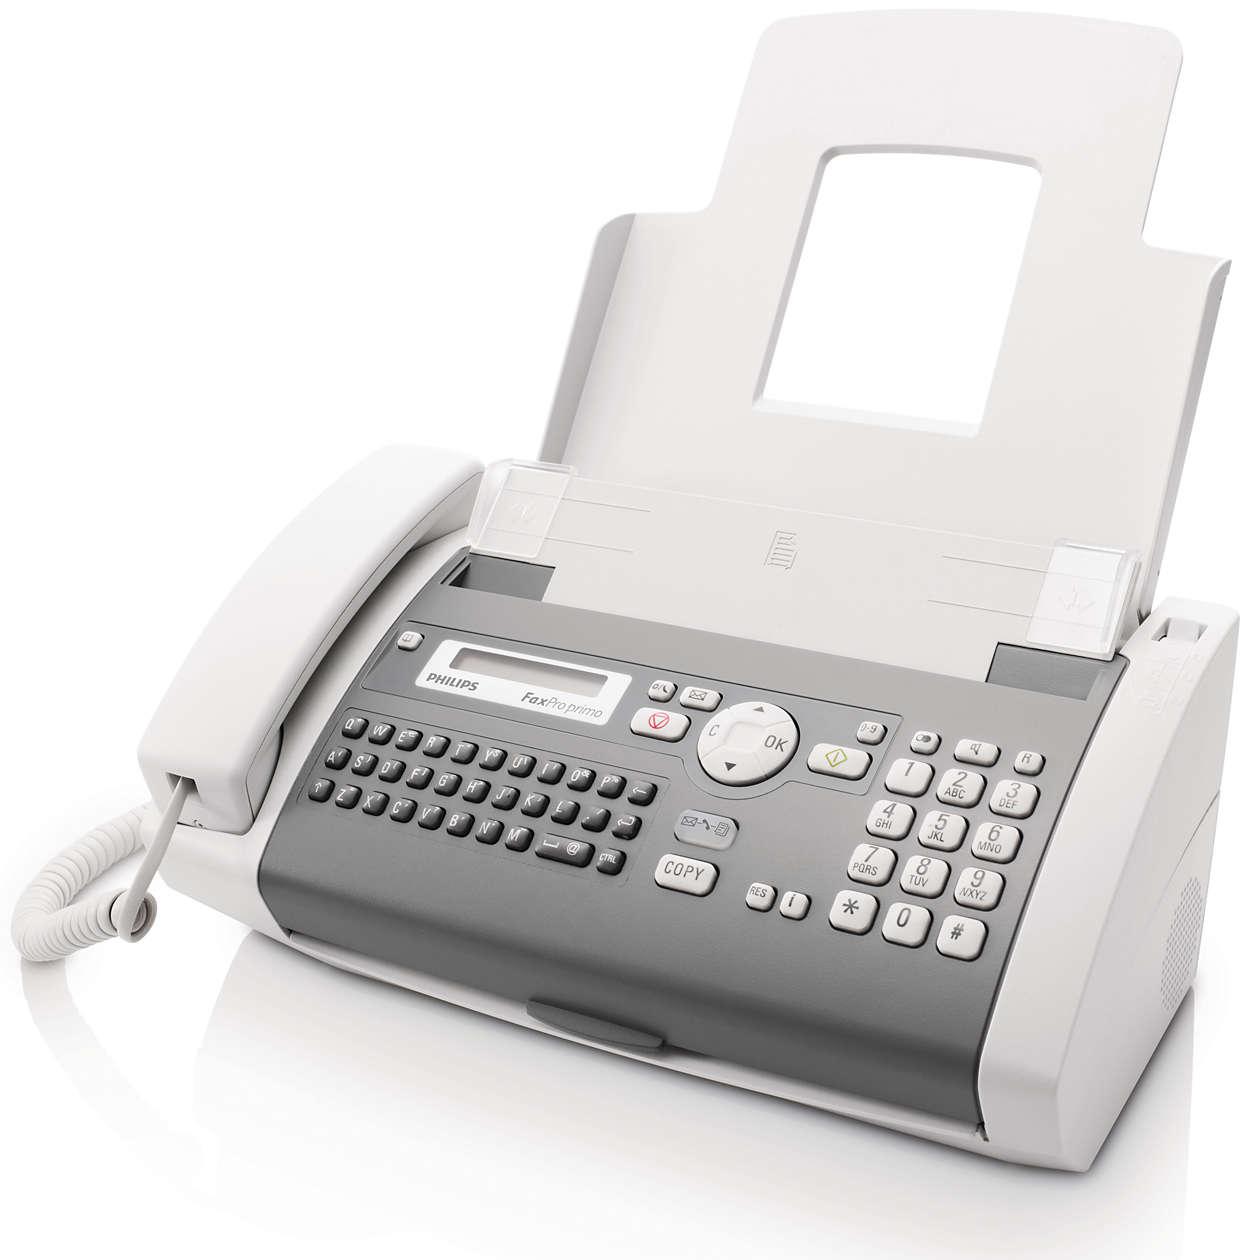 Envío de fax fiable